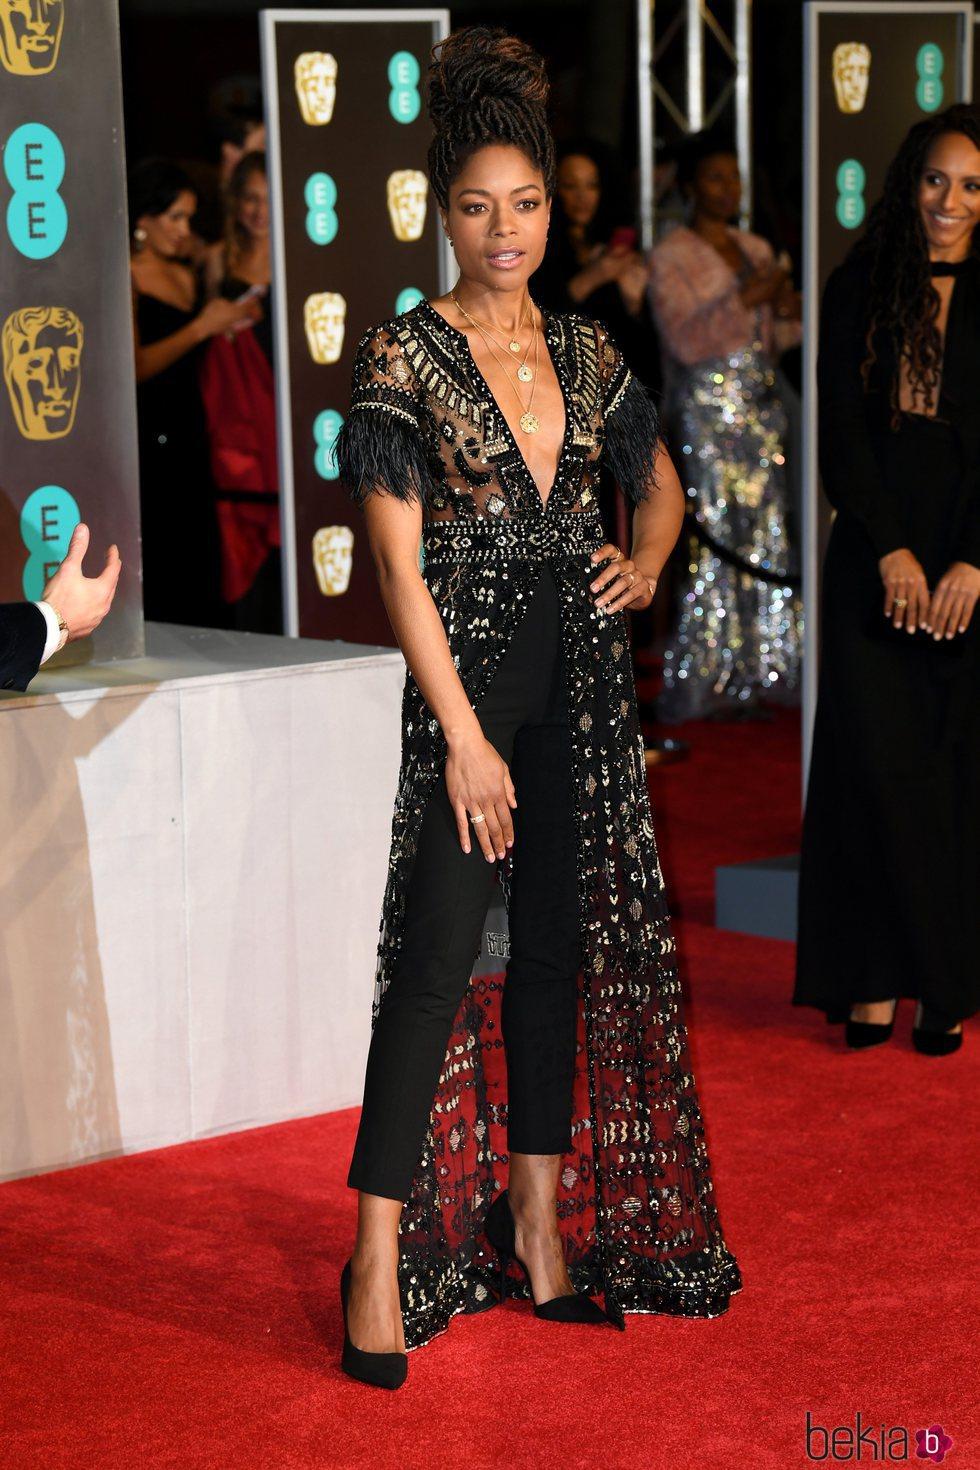 Naomie Harris en la alfombra roja de los Premios BAFTA 2018